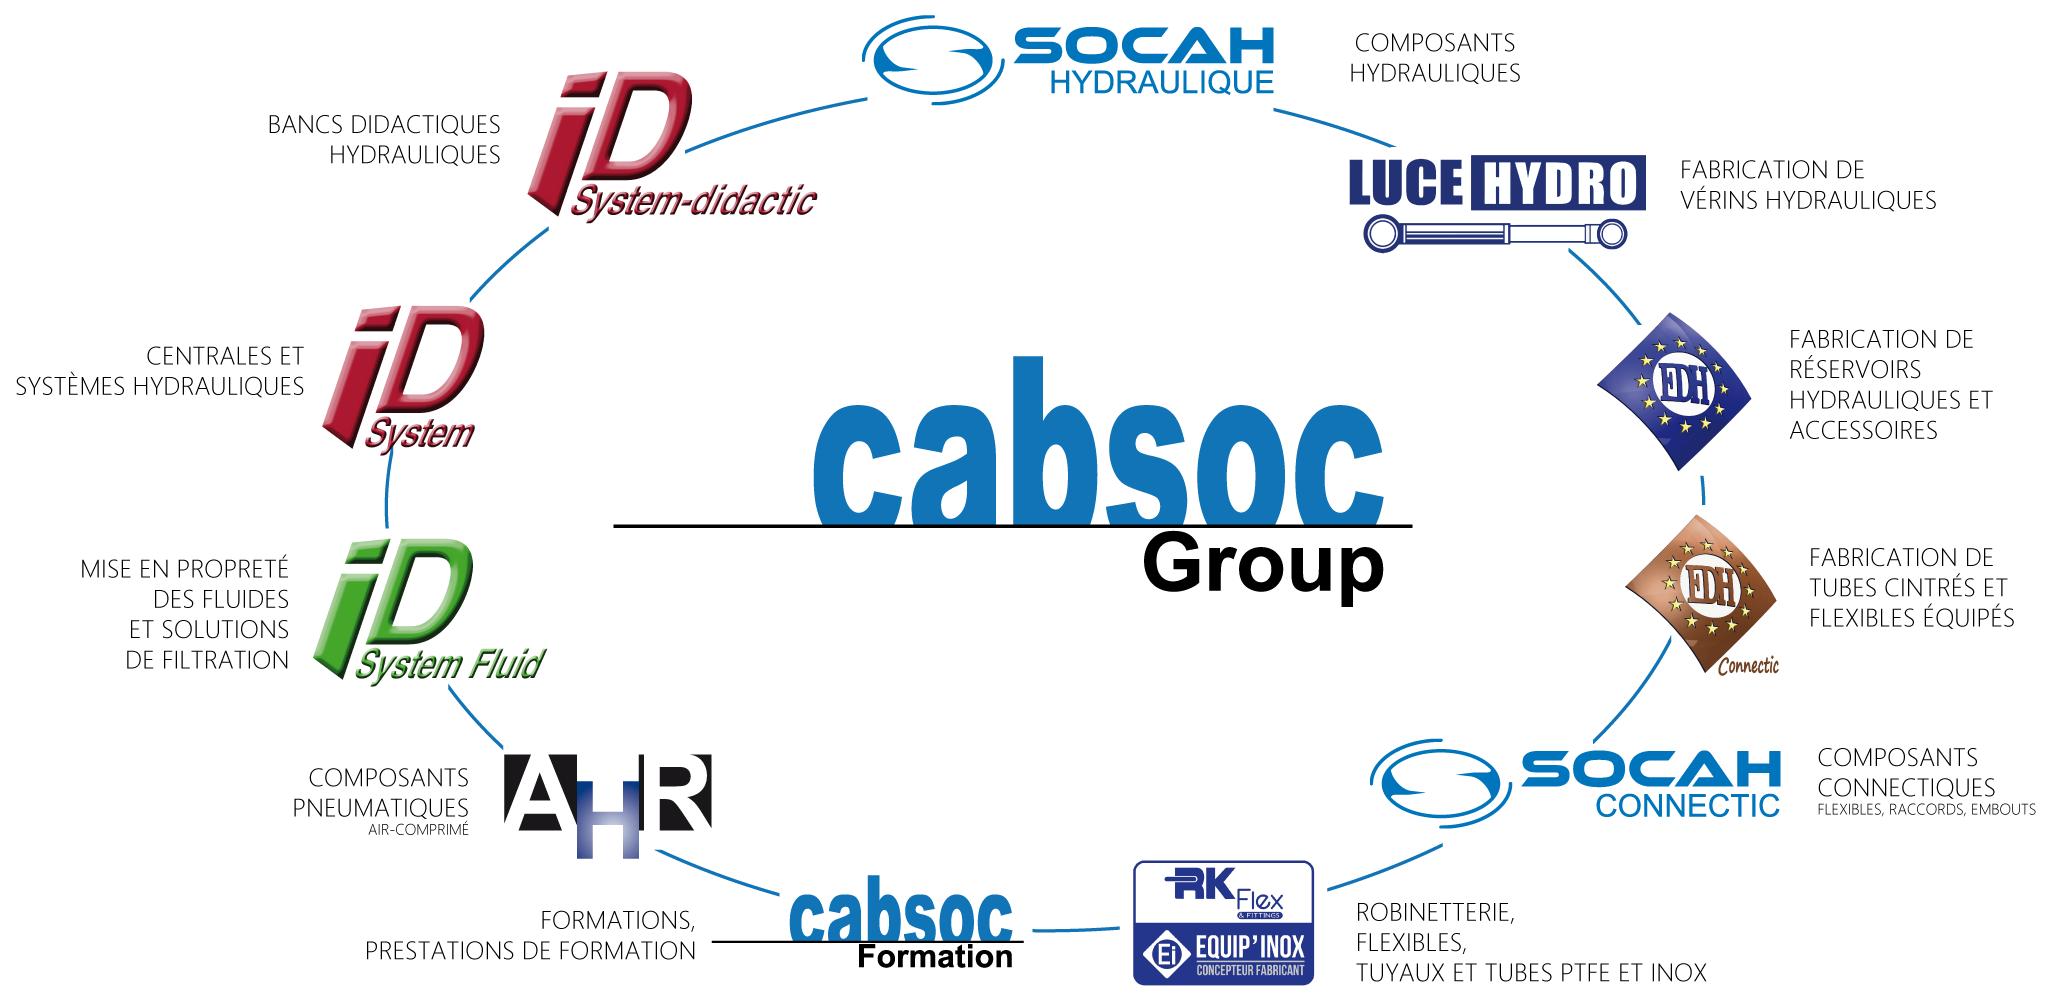 Logos et activités du groupe Cabsoc